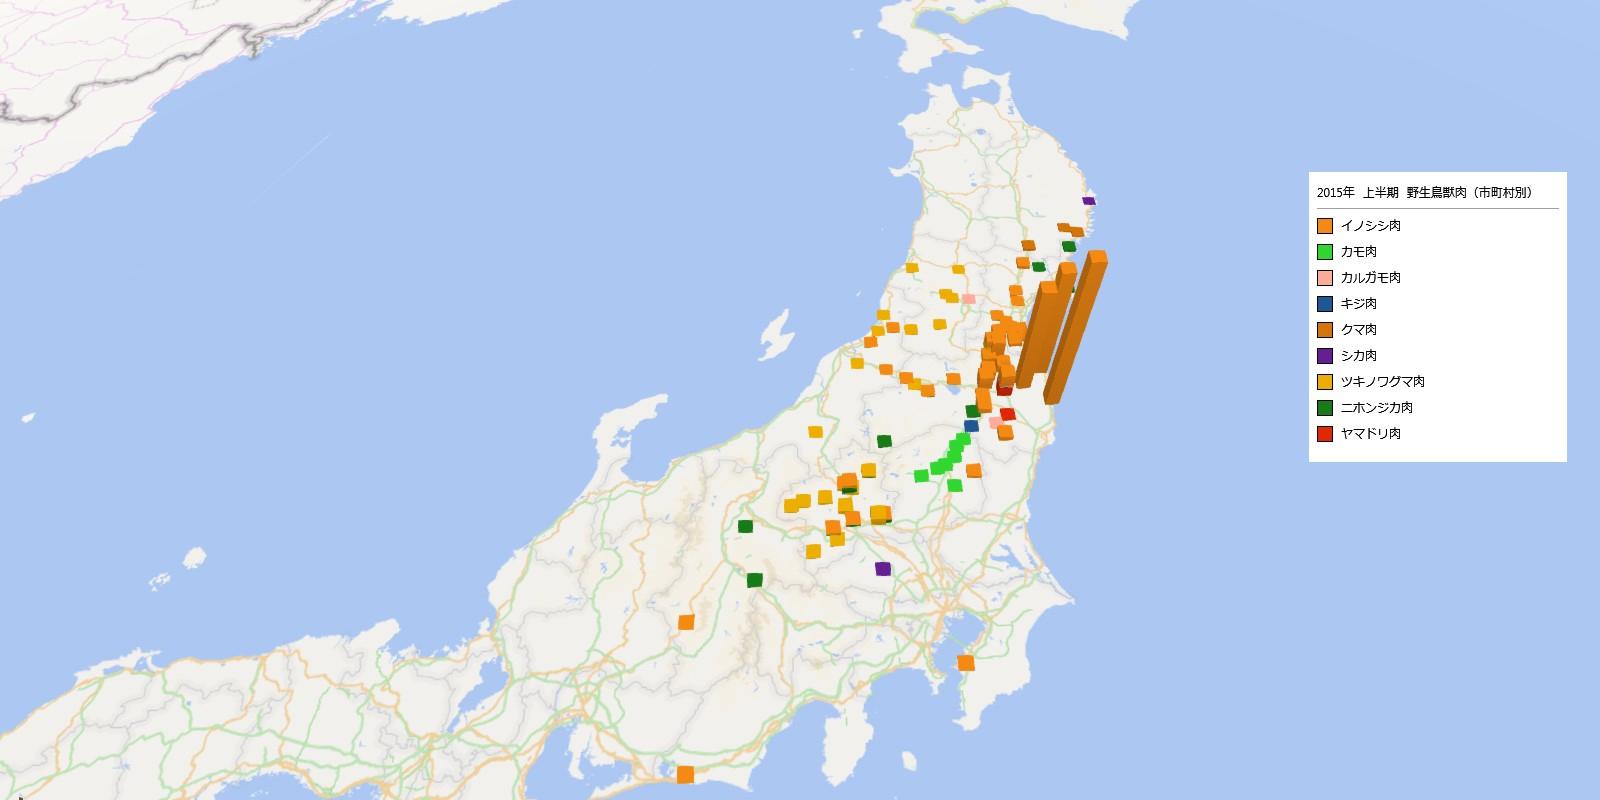 野生鳥獣肉類の放射能検査地図(市町村別)